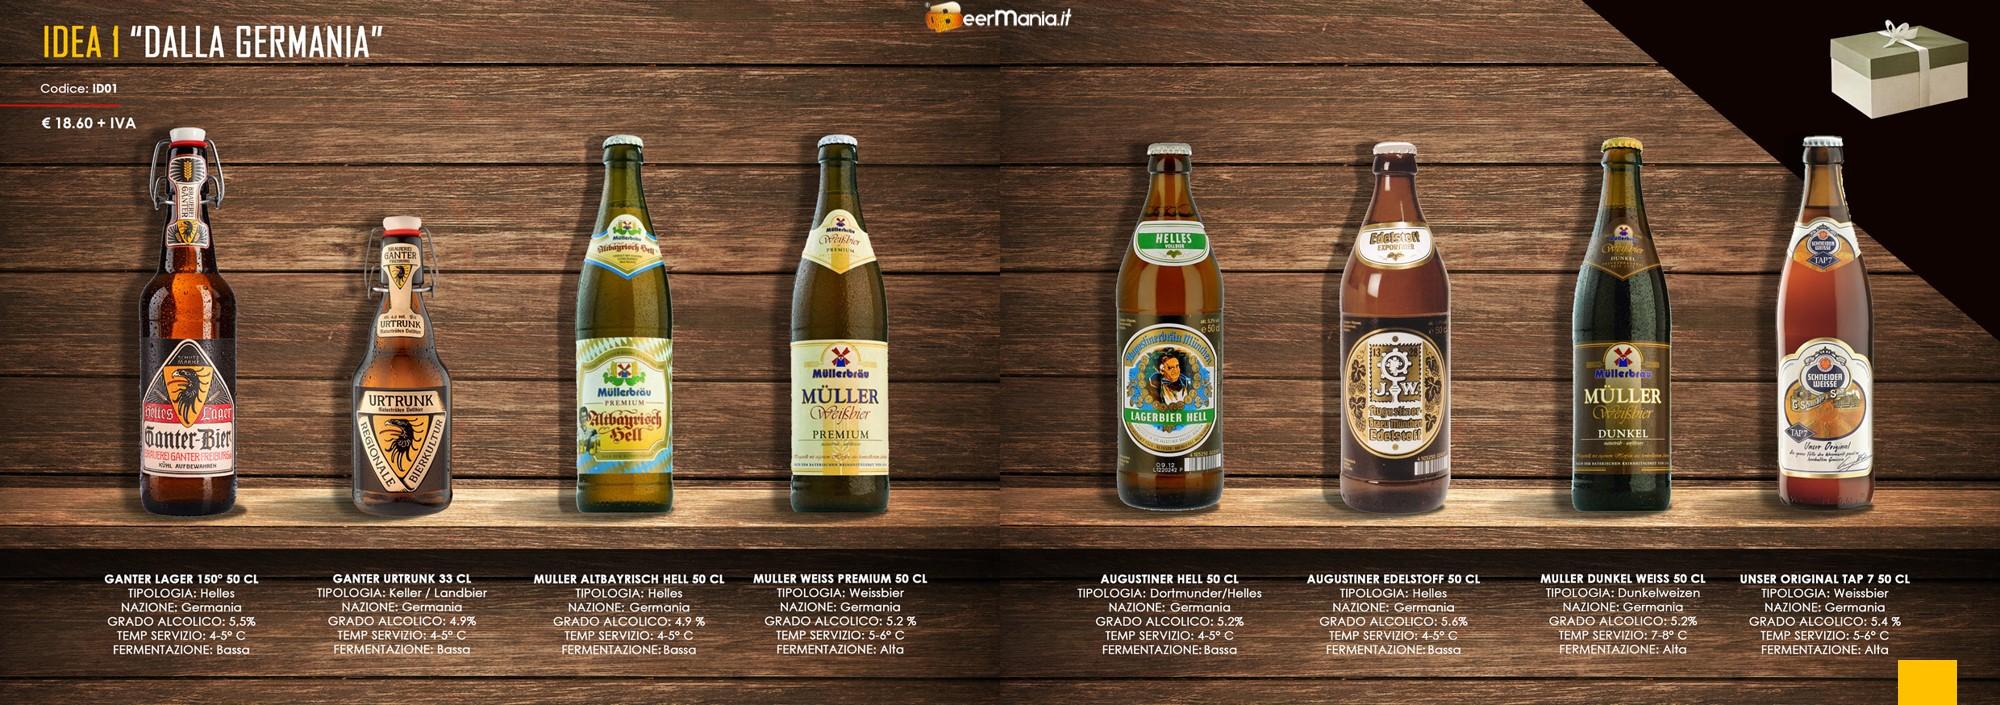 selezione tedesche_beermania